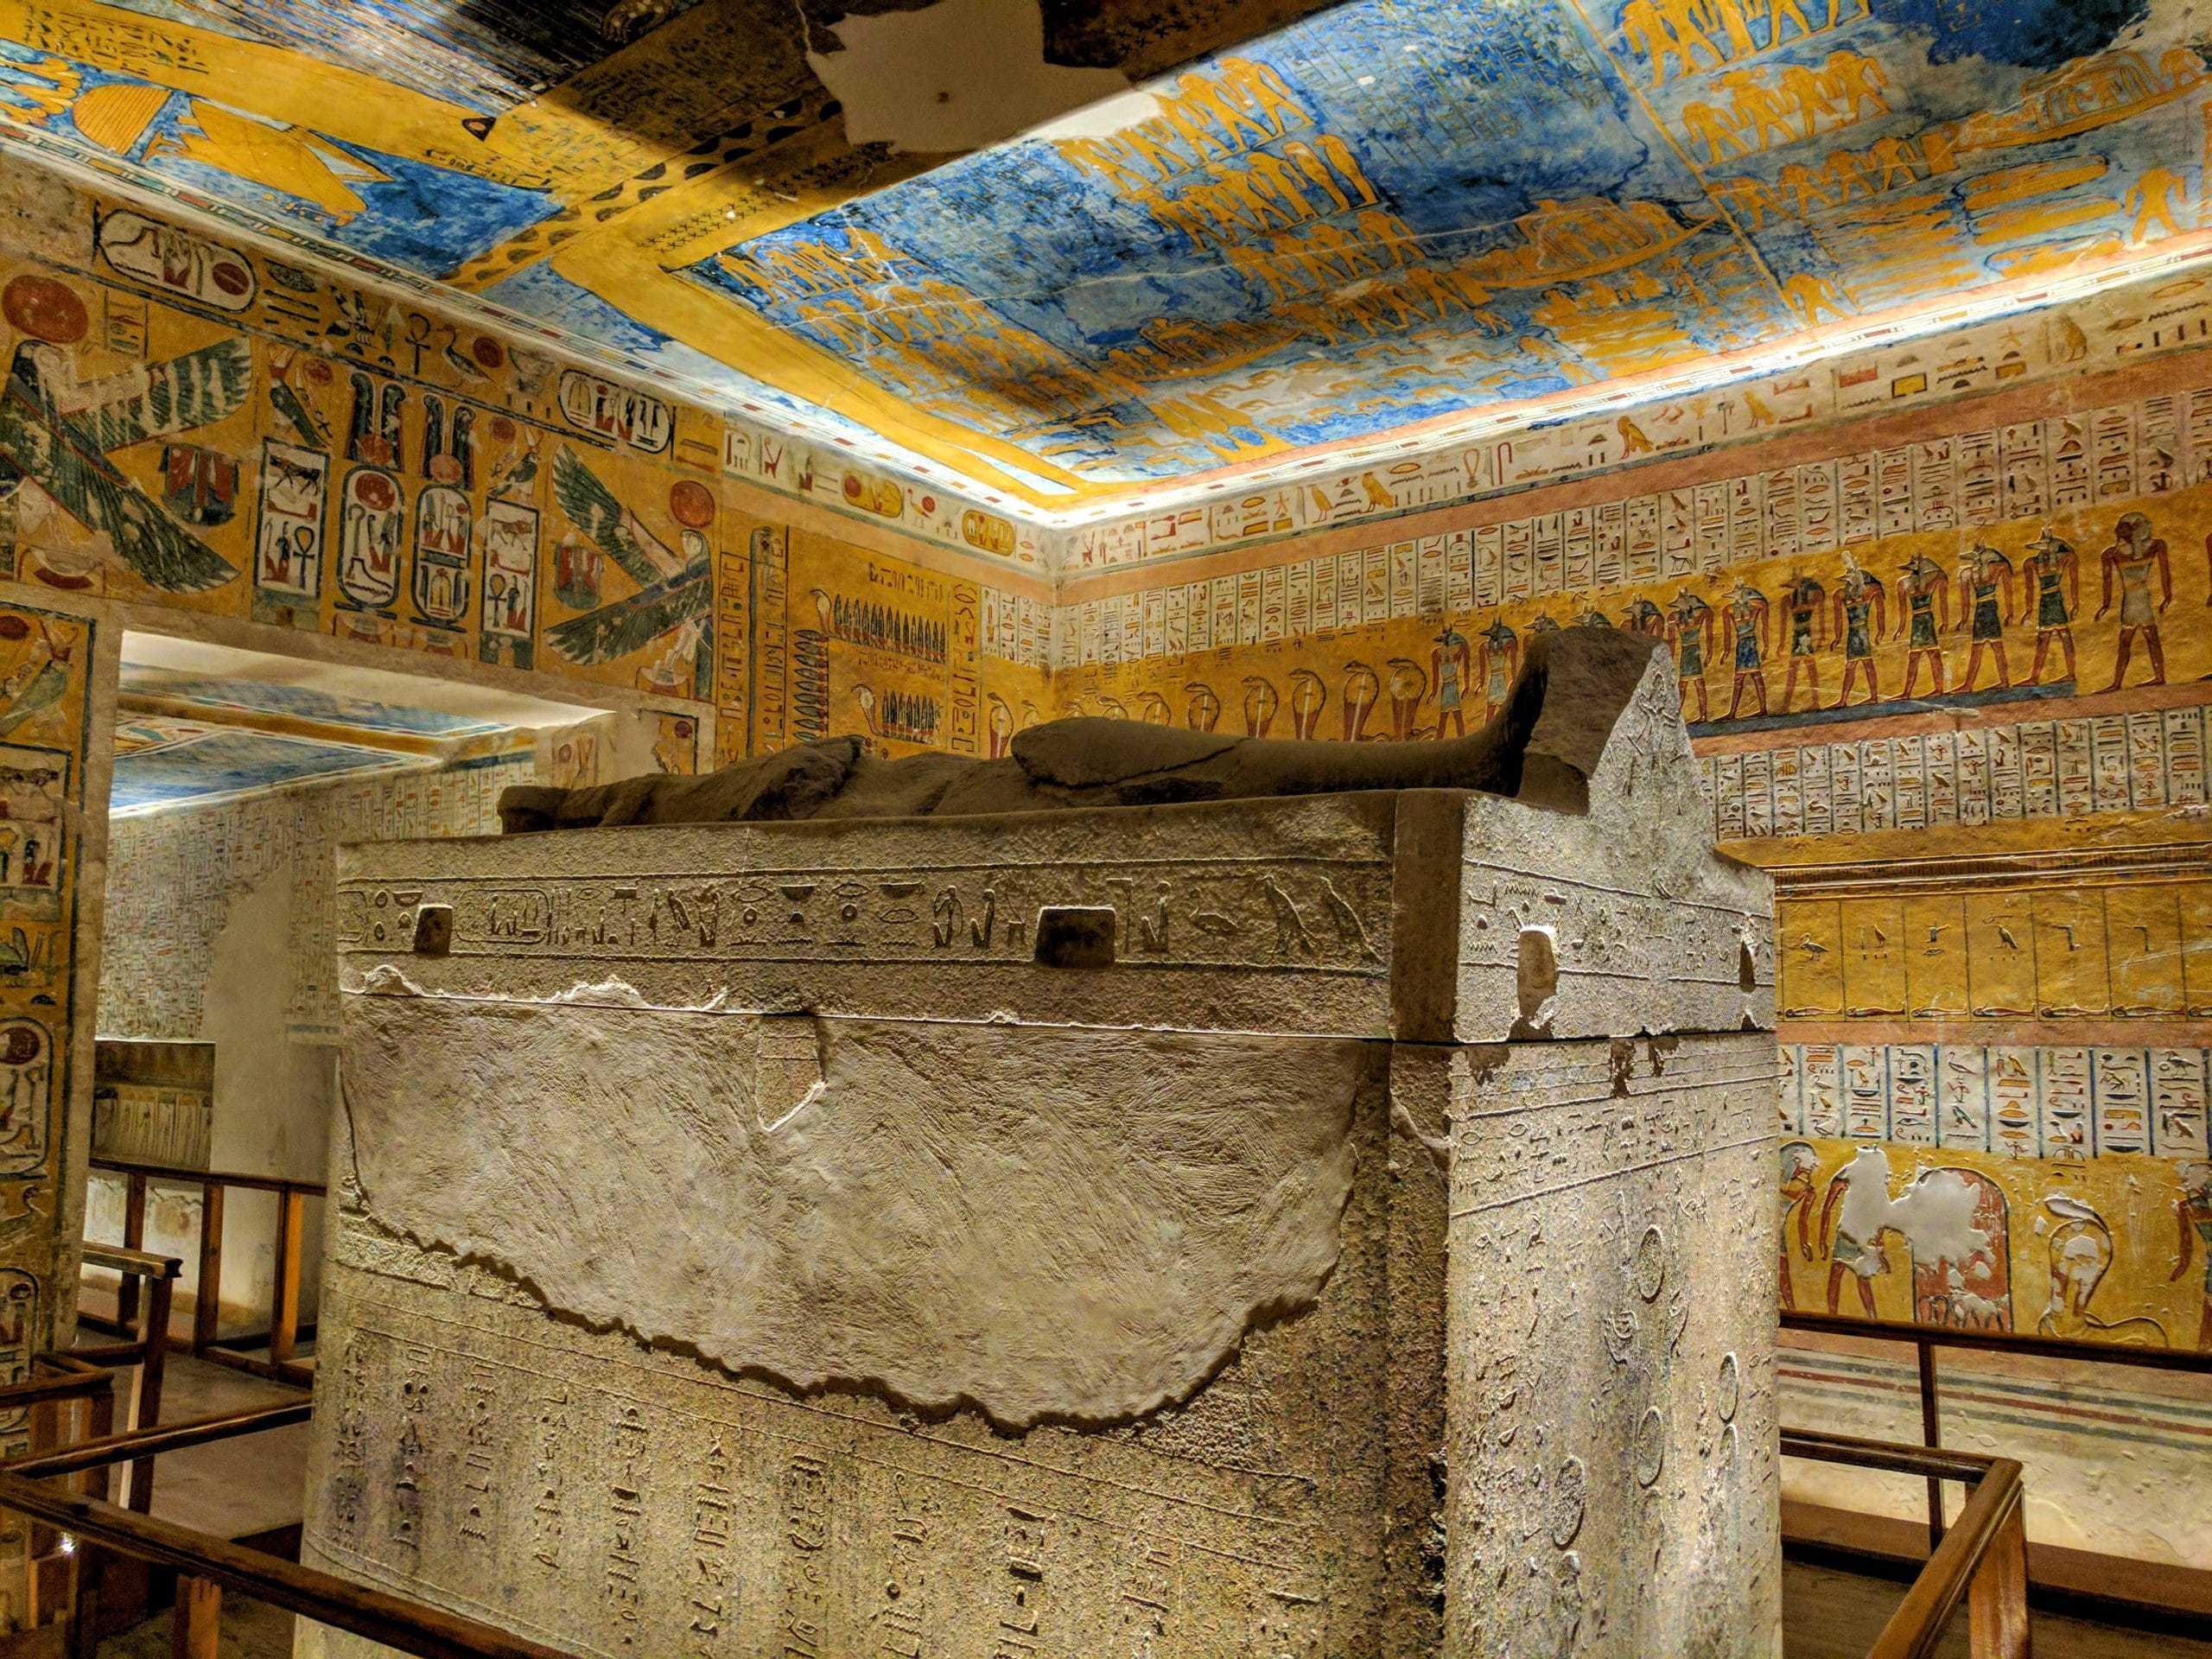 Interior da tumba de Ramsés VI: quando visitar o Egito influencia aqui, pois é difícil fazer esta visita em dias muito quentes.